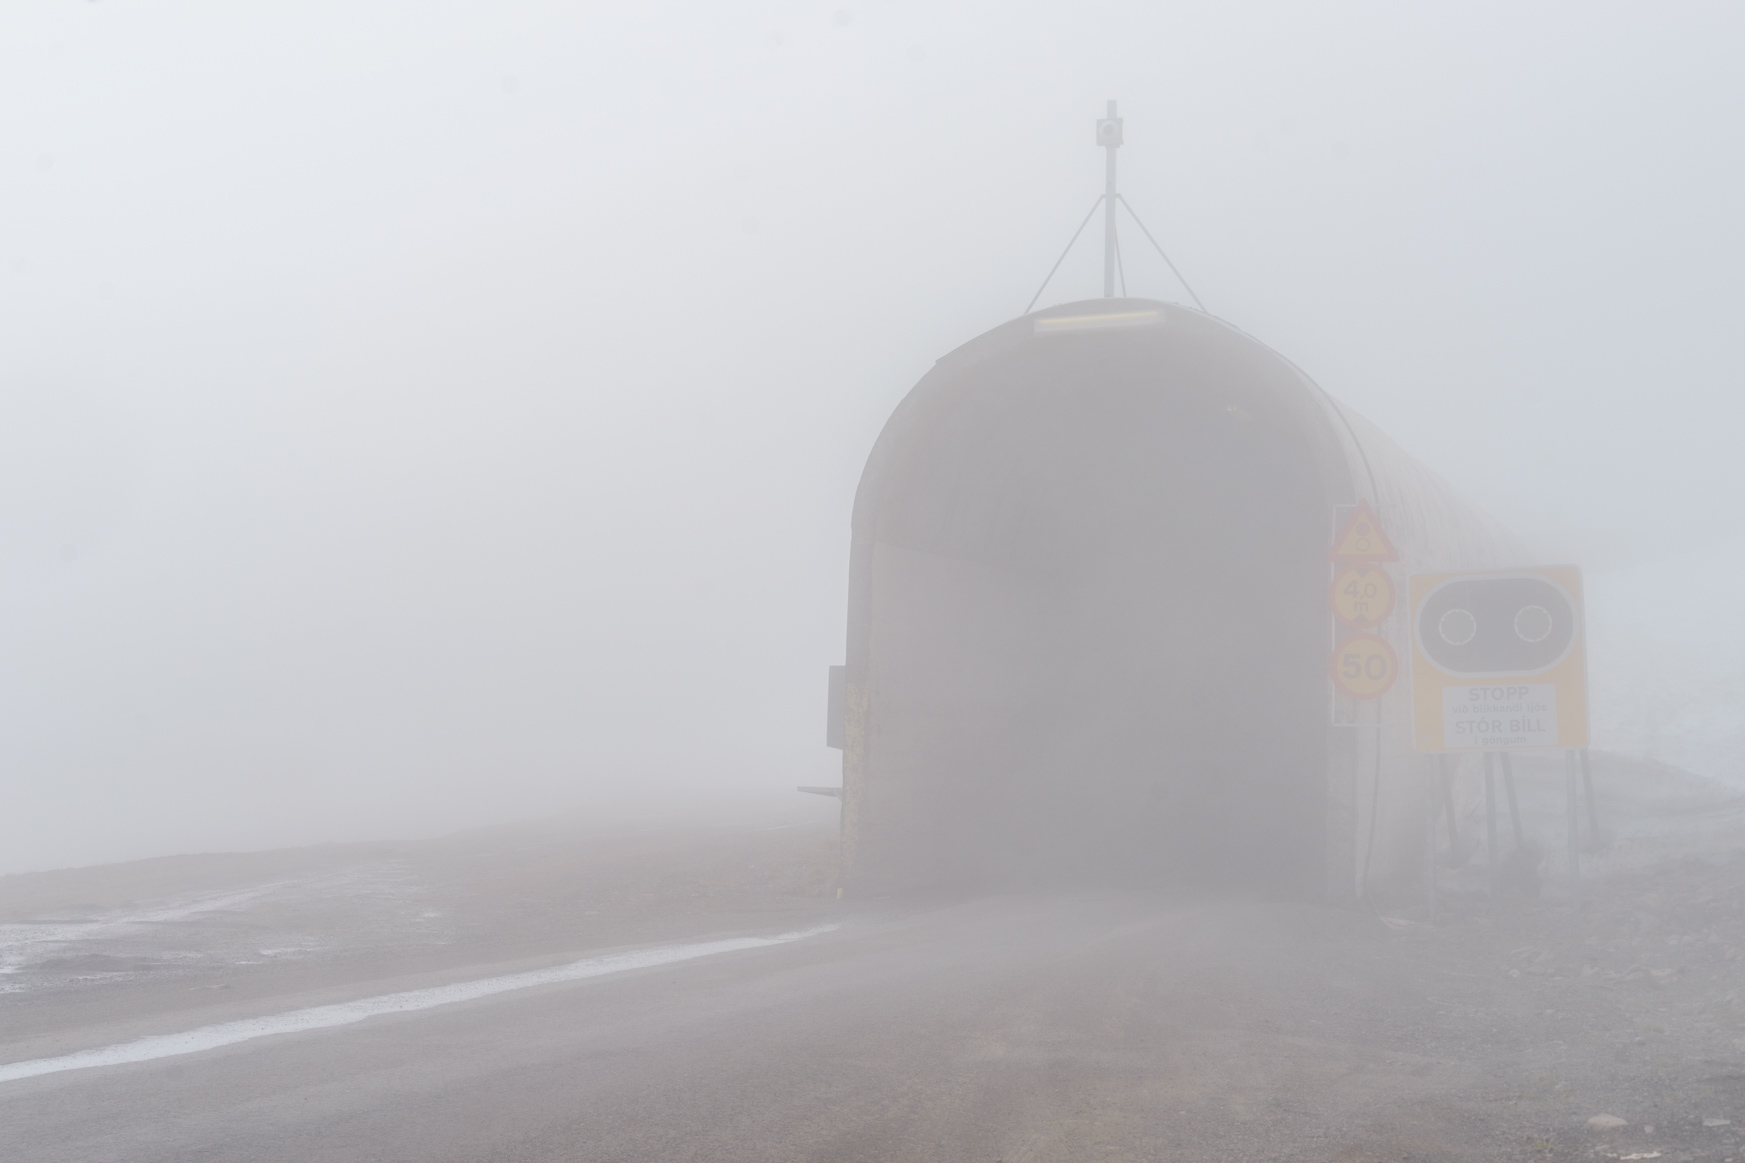 Unheimlich - Tunneleinfahrt im Nebel